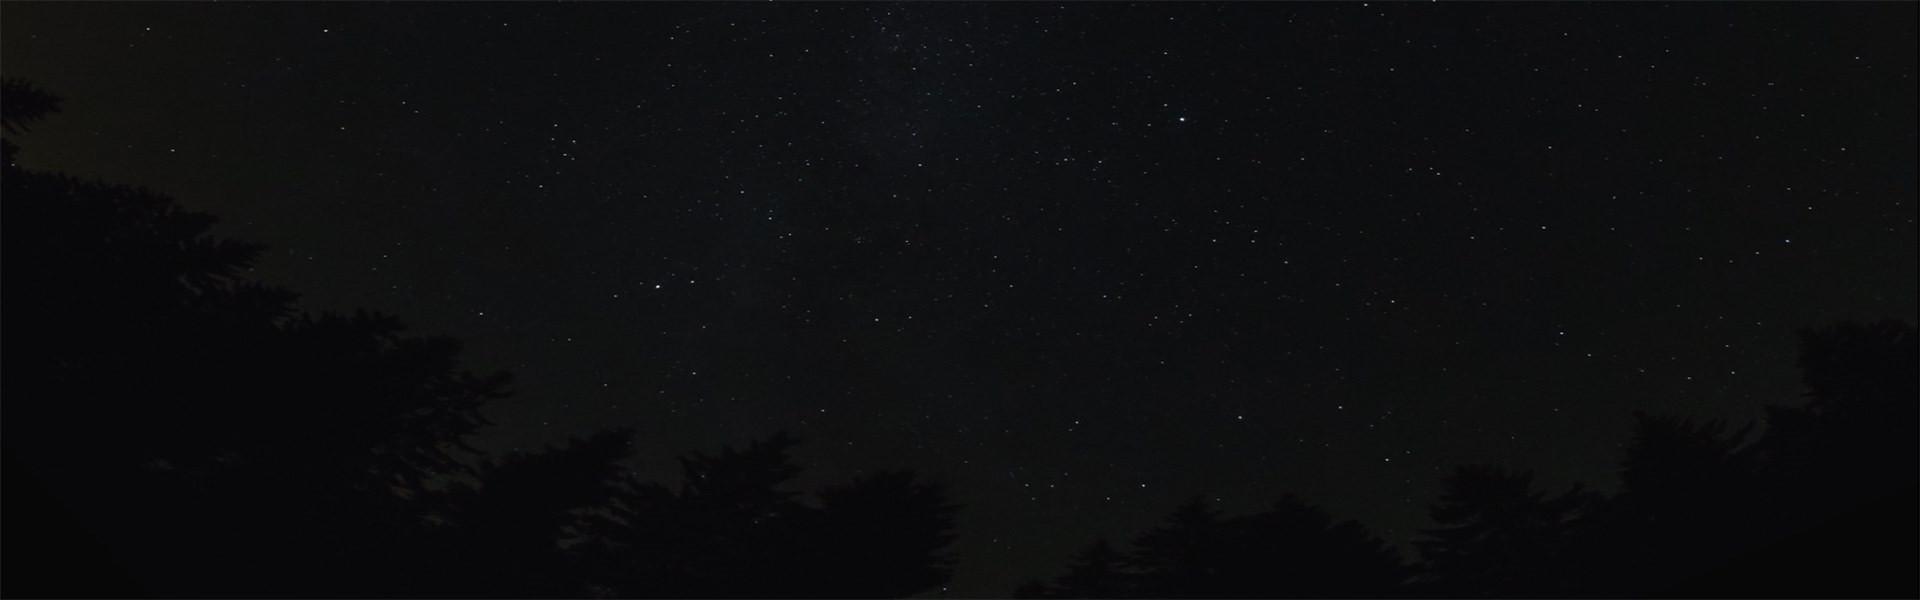 Wunder des Kosmos